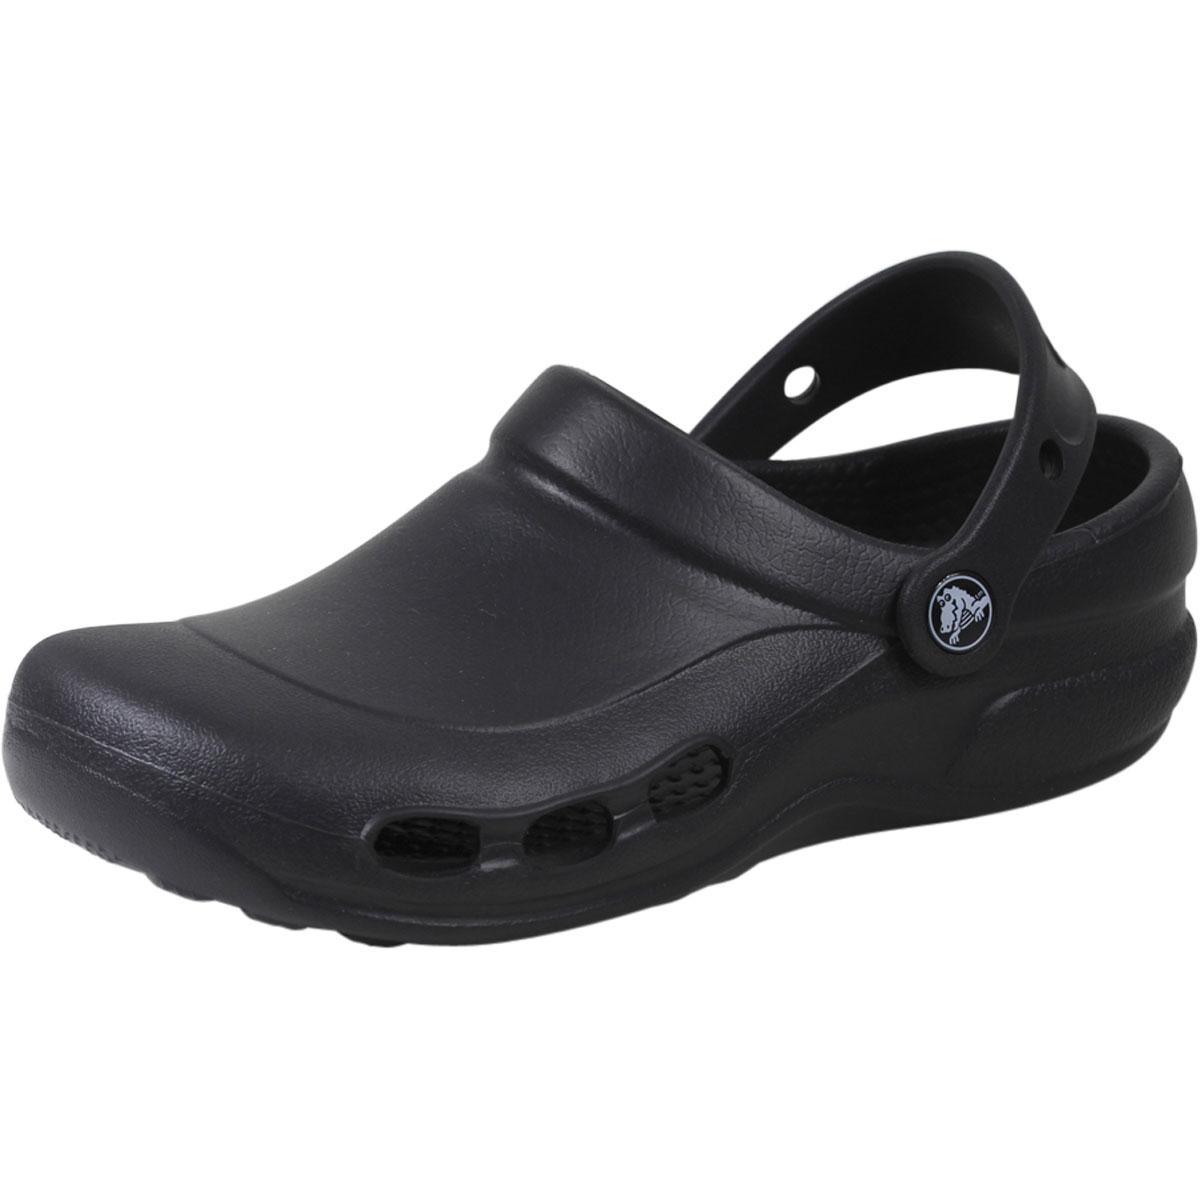 Image of Crocs At Work Specialist Vent Clogs Sandals Shoes - Black - 7 D(M) US/9 B(M) US